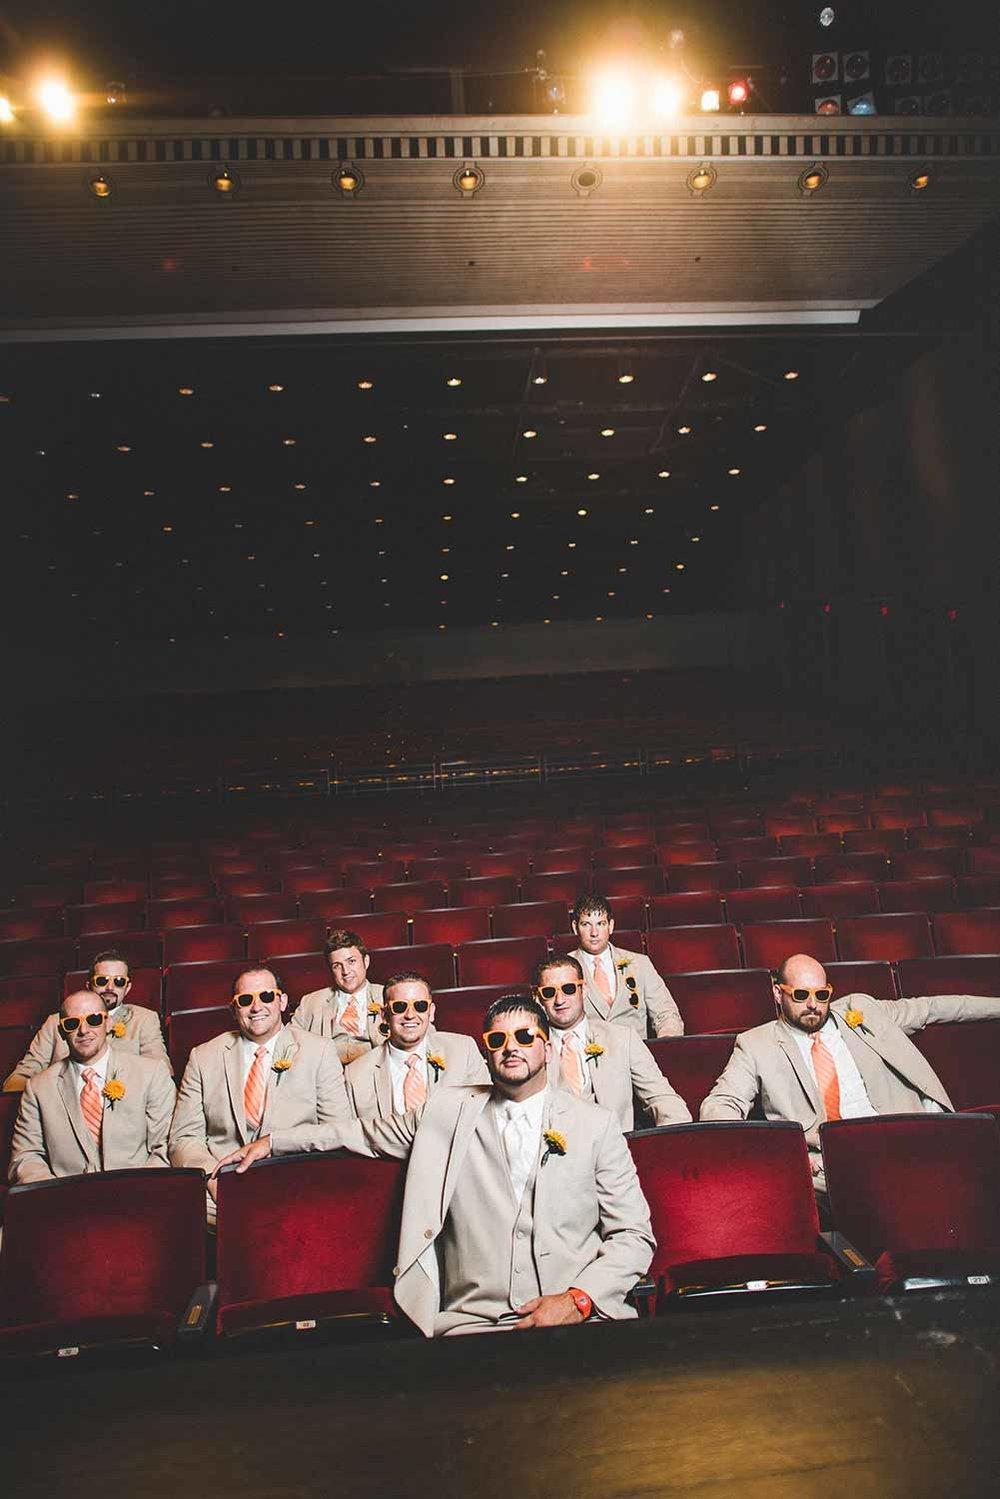 shawnee-state-groomsmen-theatre-creative-portrait.jpg